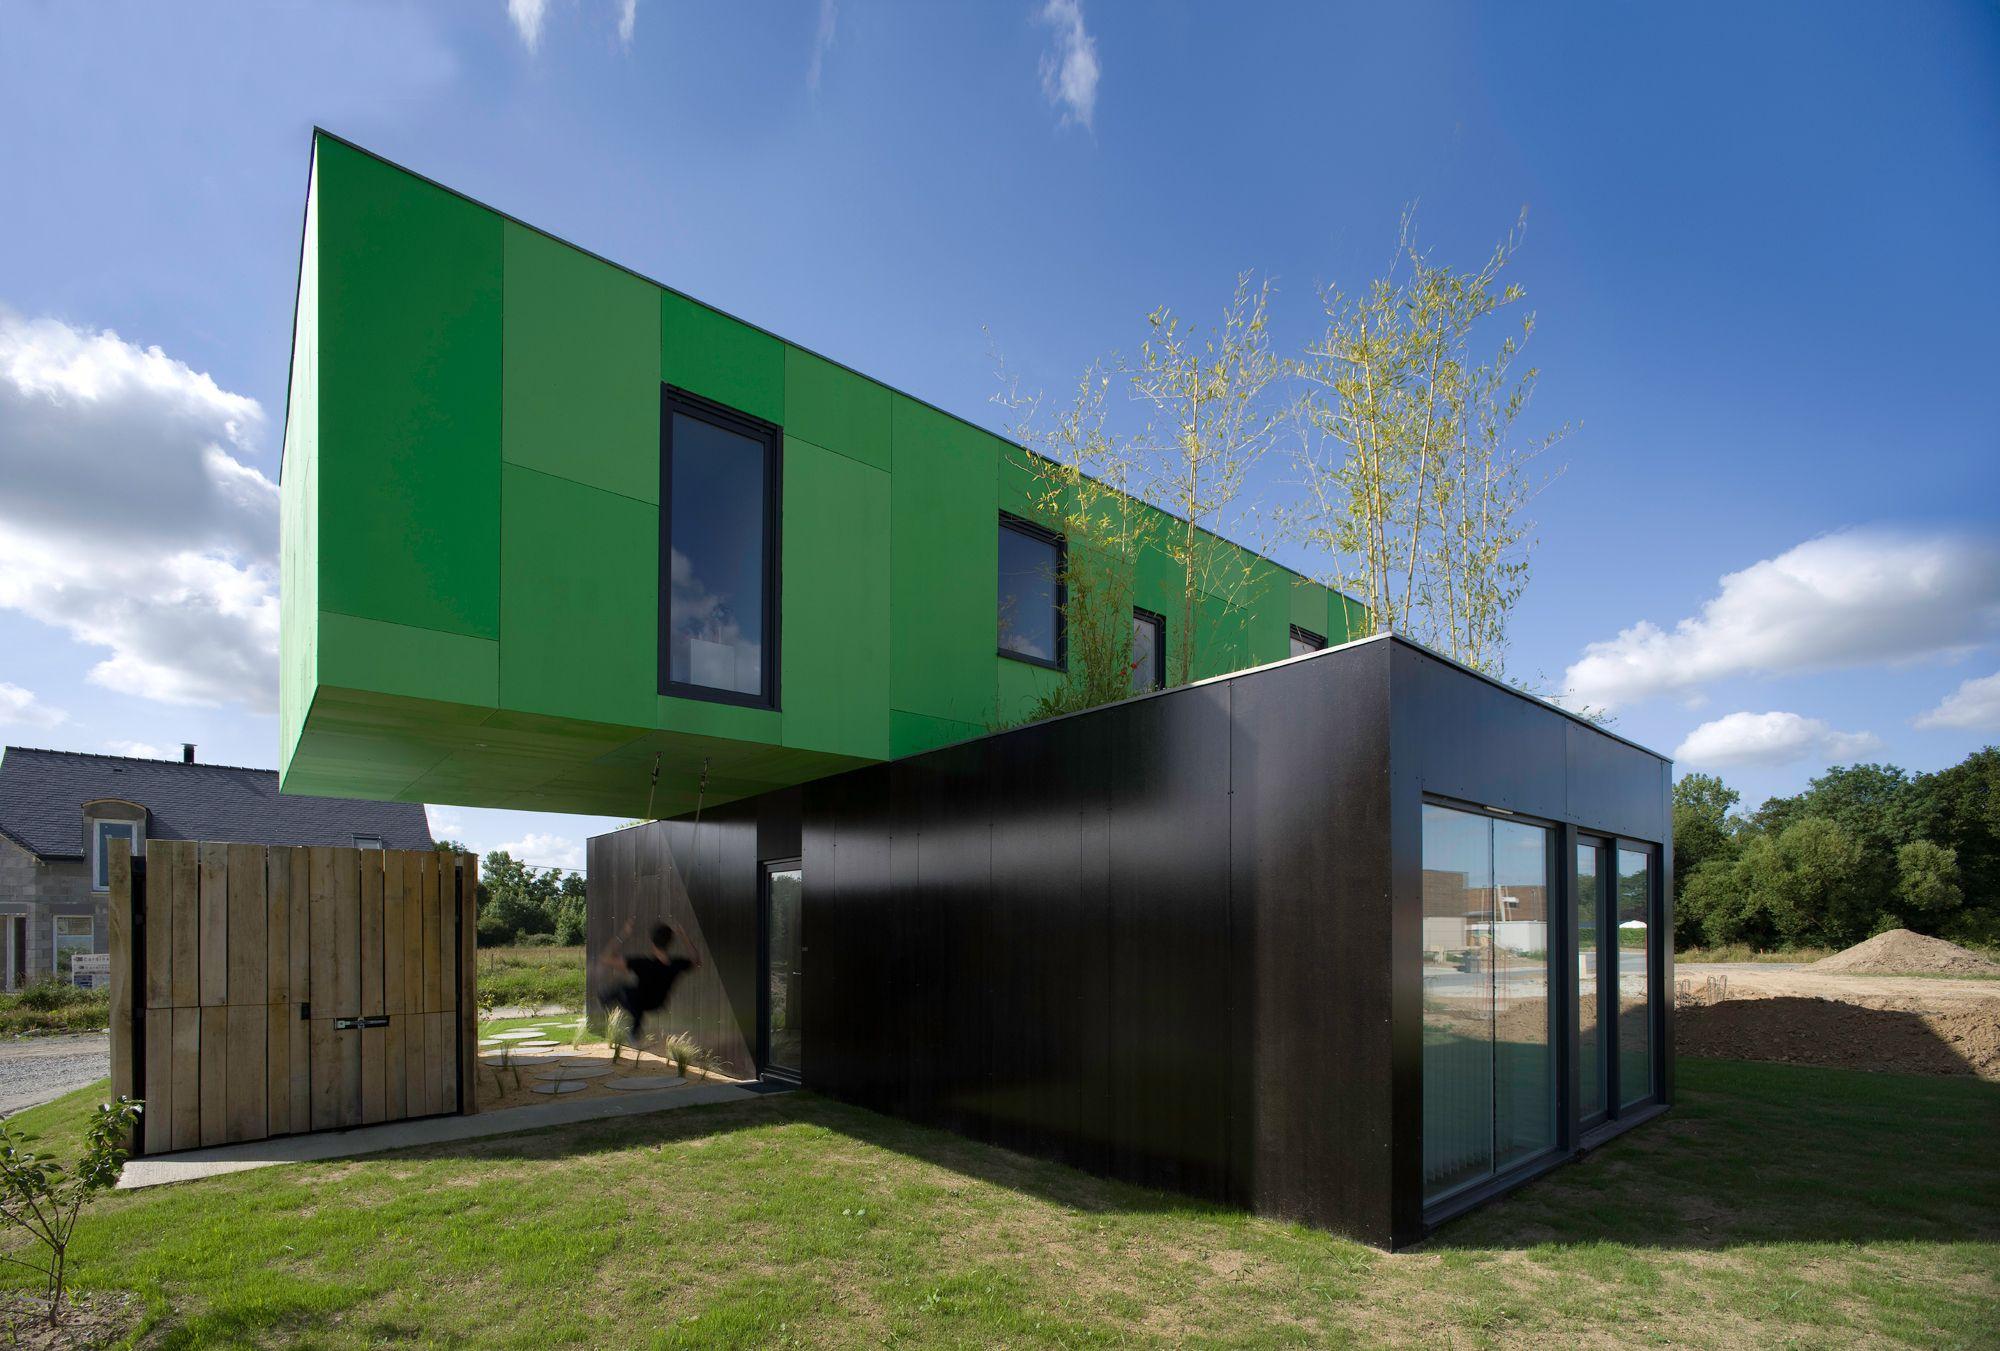 Constructeur Maison Container En France maison container france http://containersoul/constructeurs-de